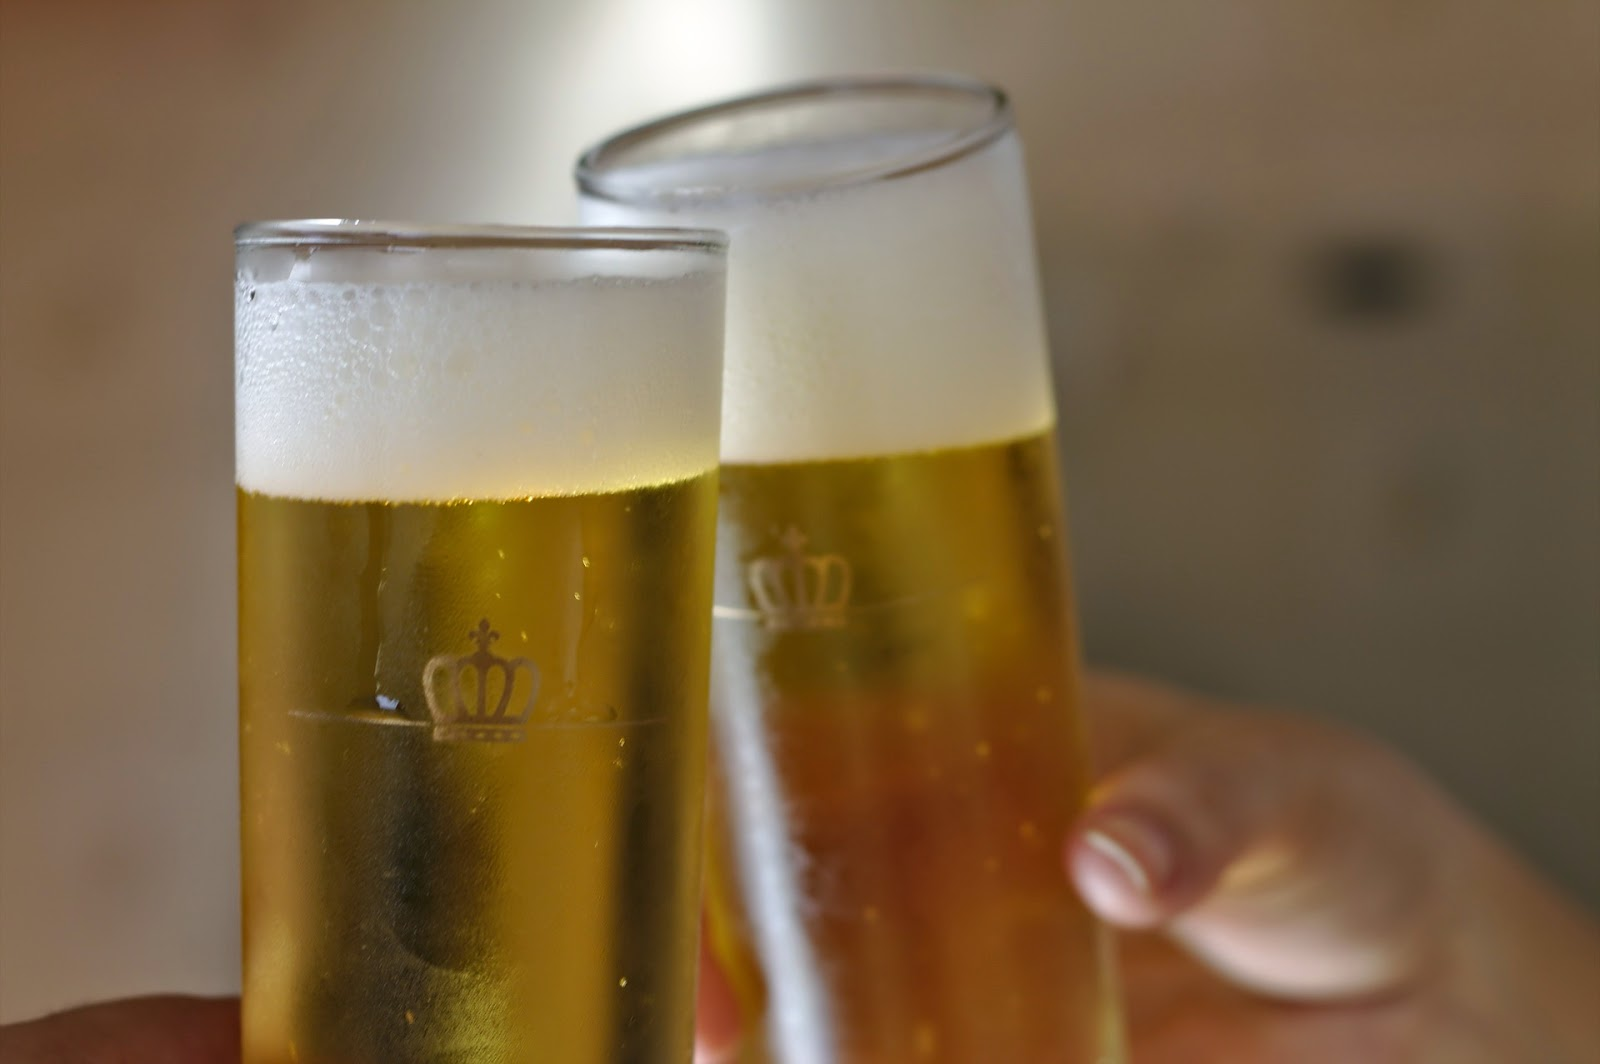 Πώς βγαίνει ο λεκές από μπύρα;